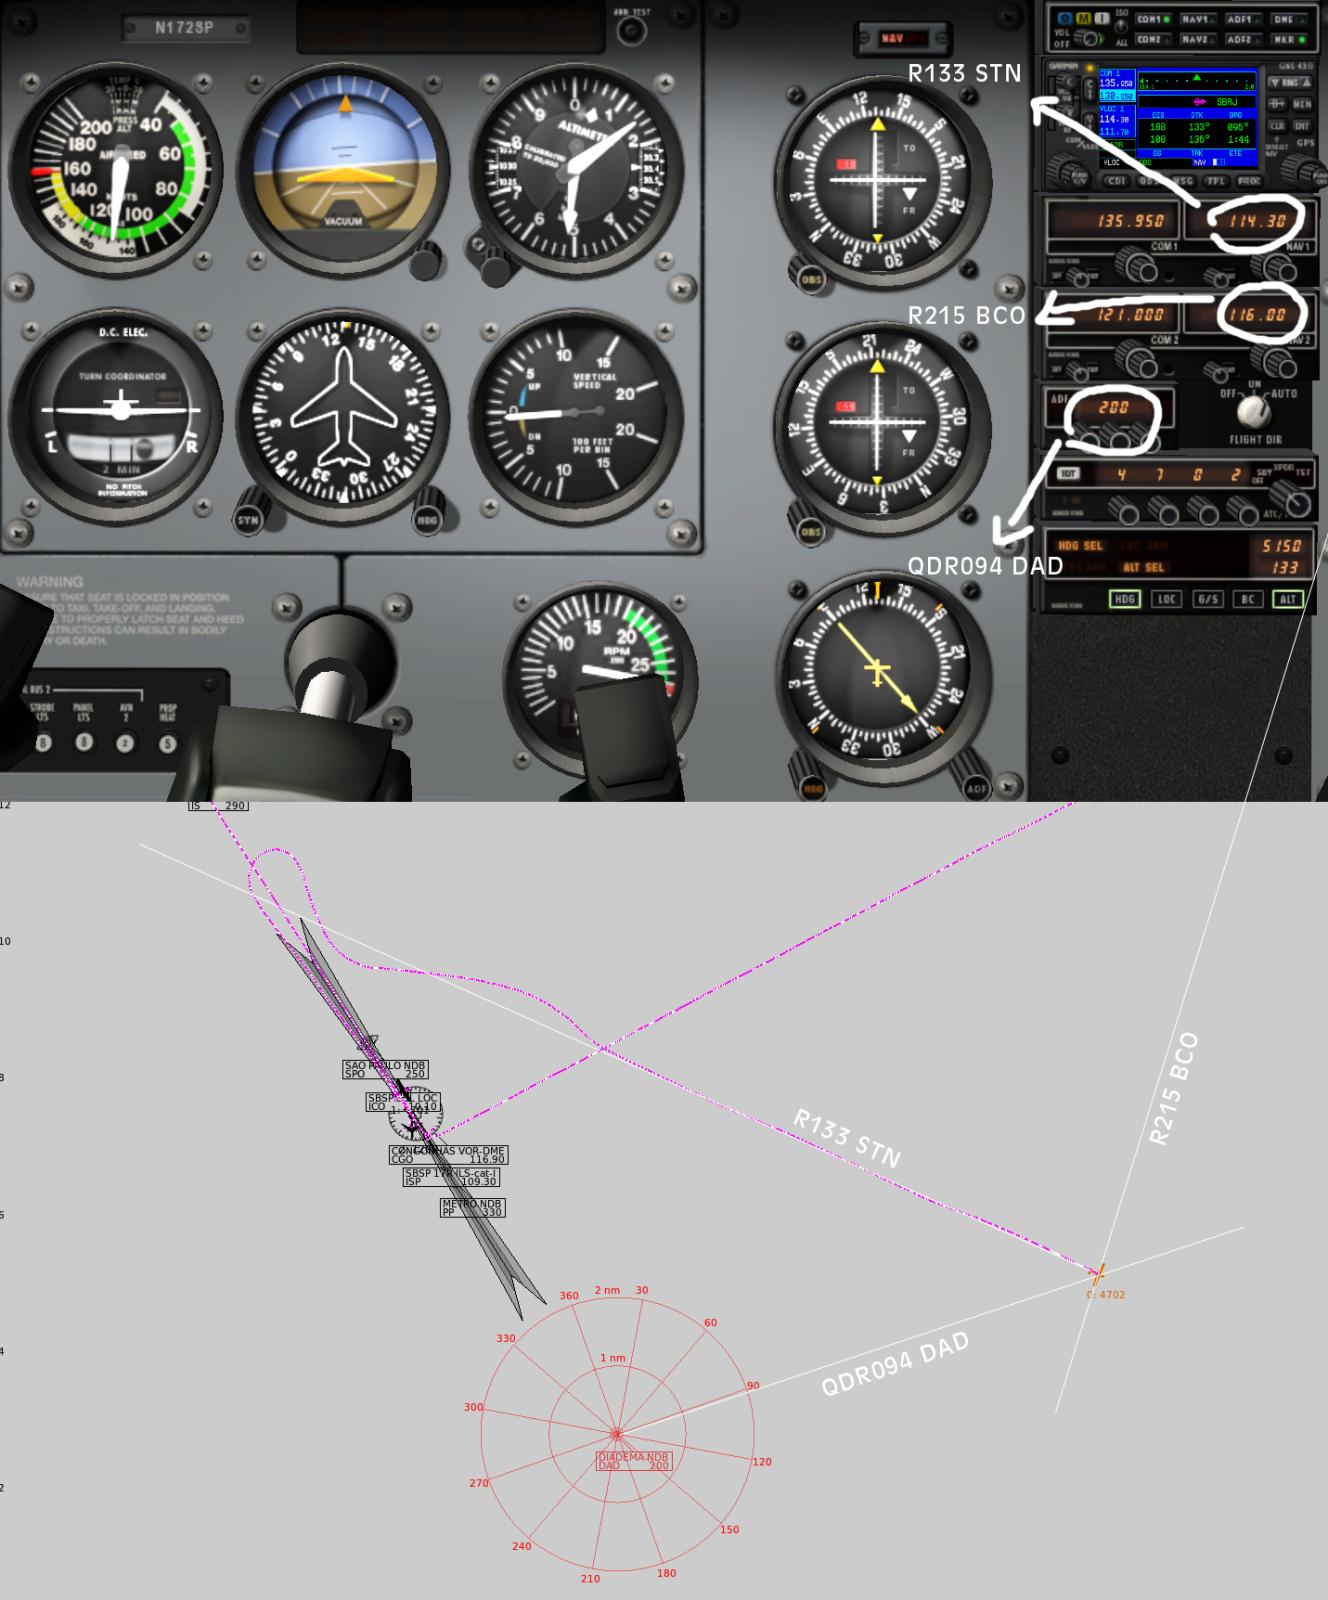 Ajuda com saída IFR, interpretação de cartas e aerovias! 2a95poh